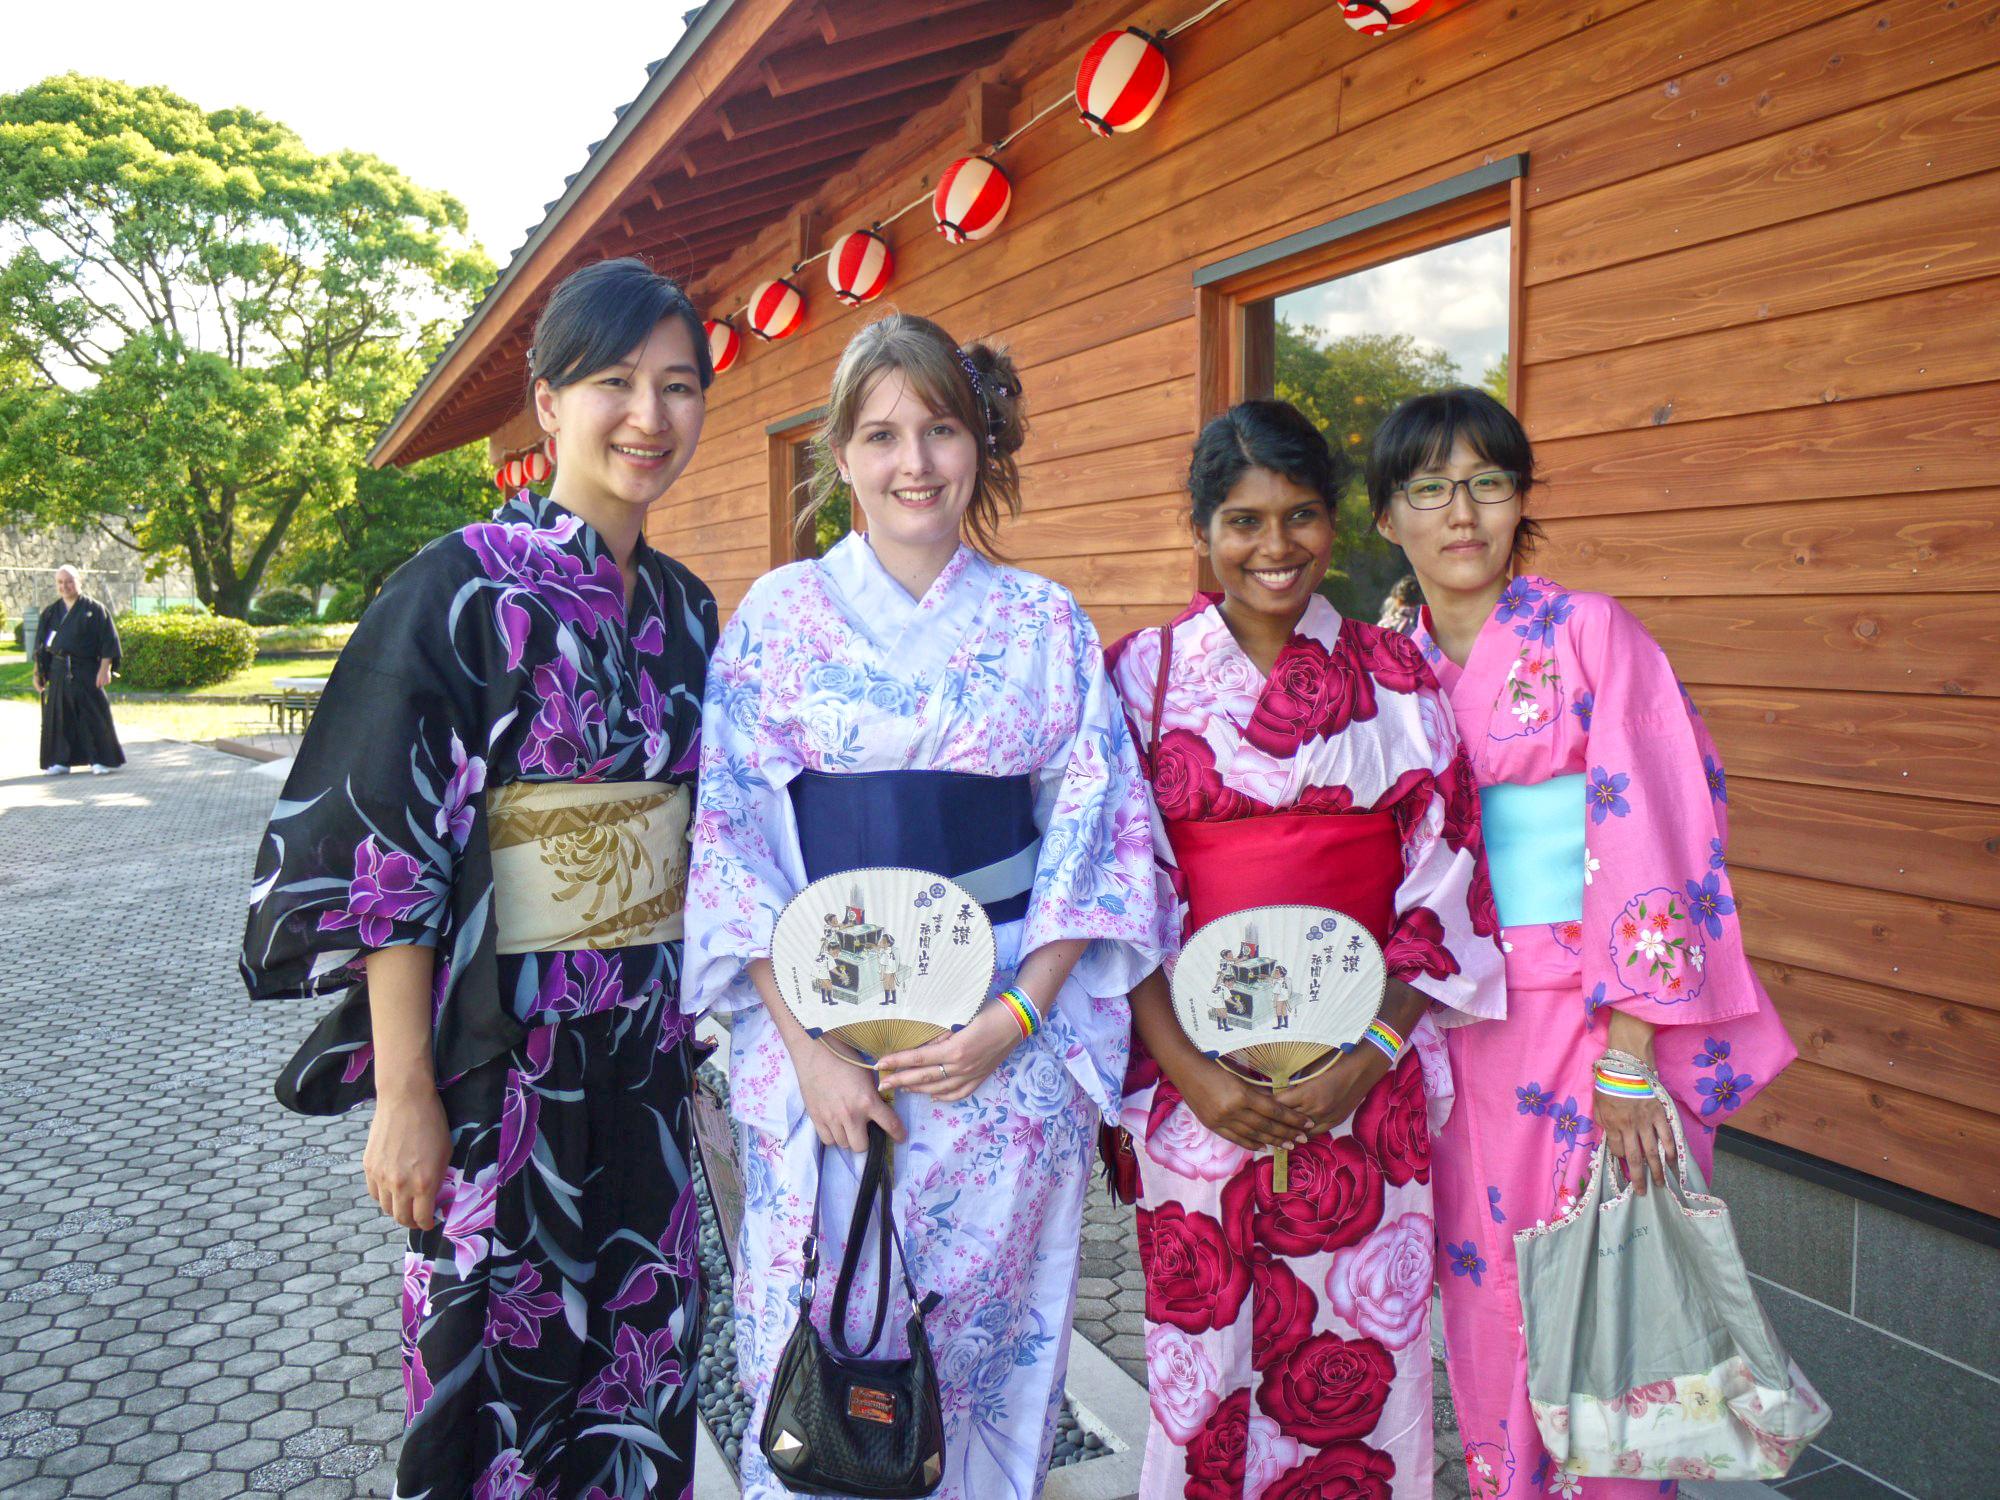 oohoripark_yukata_wearing_event.JPG